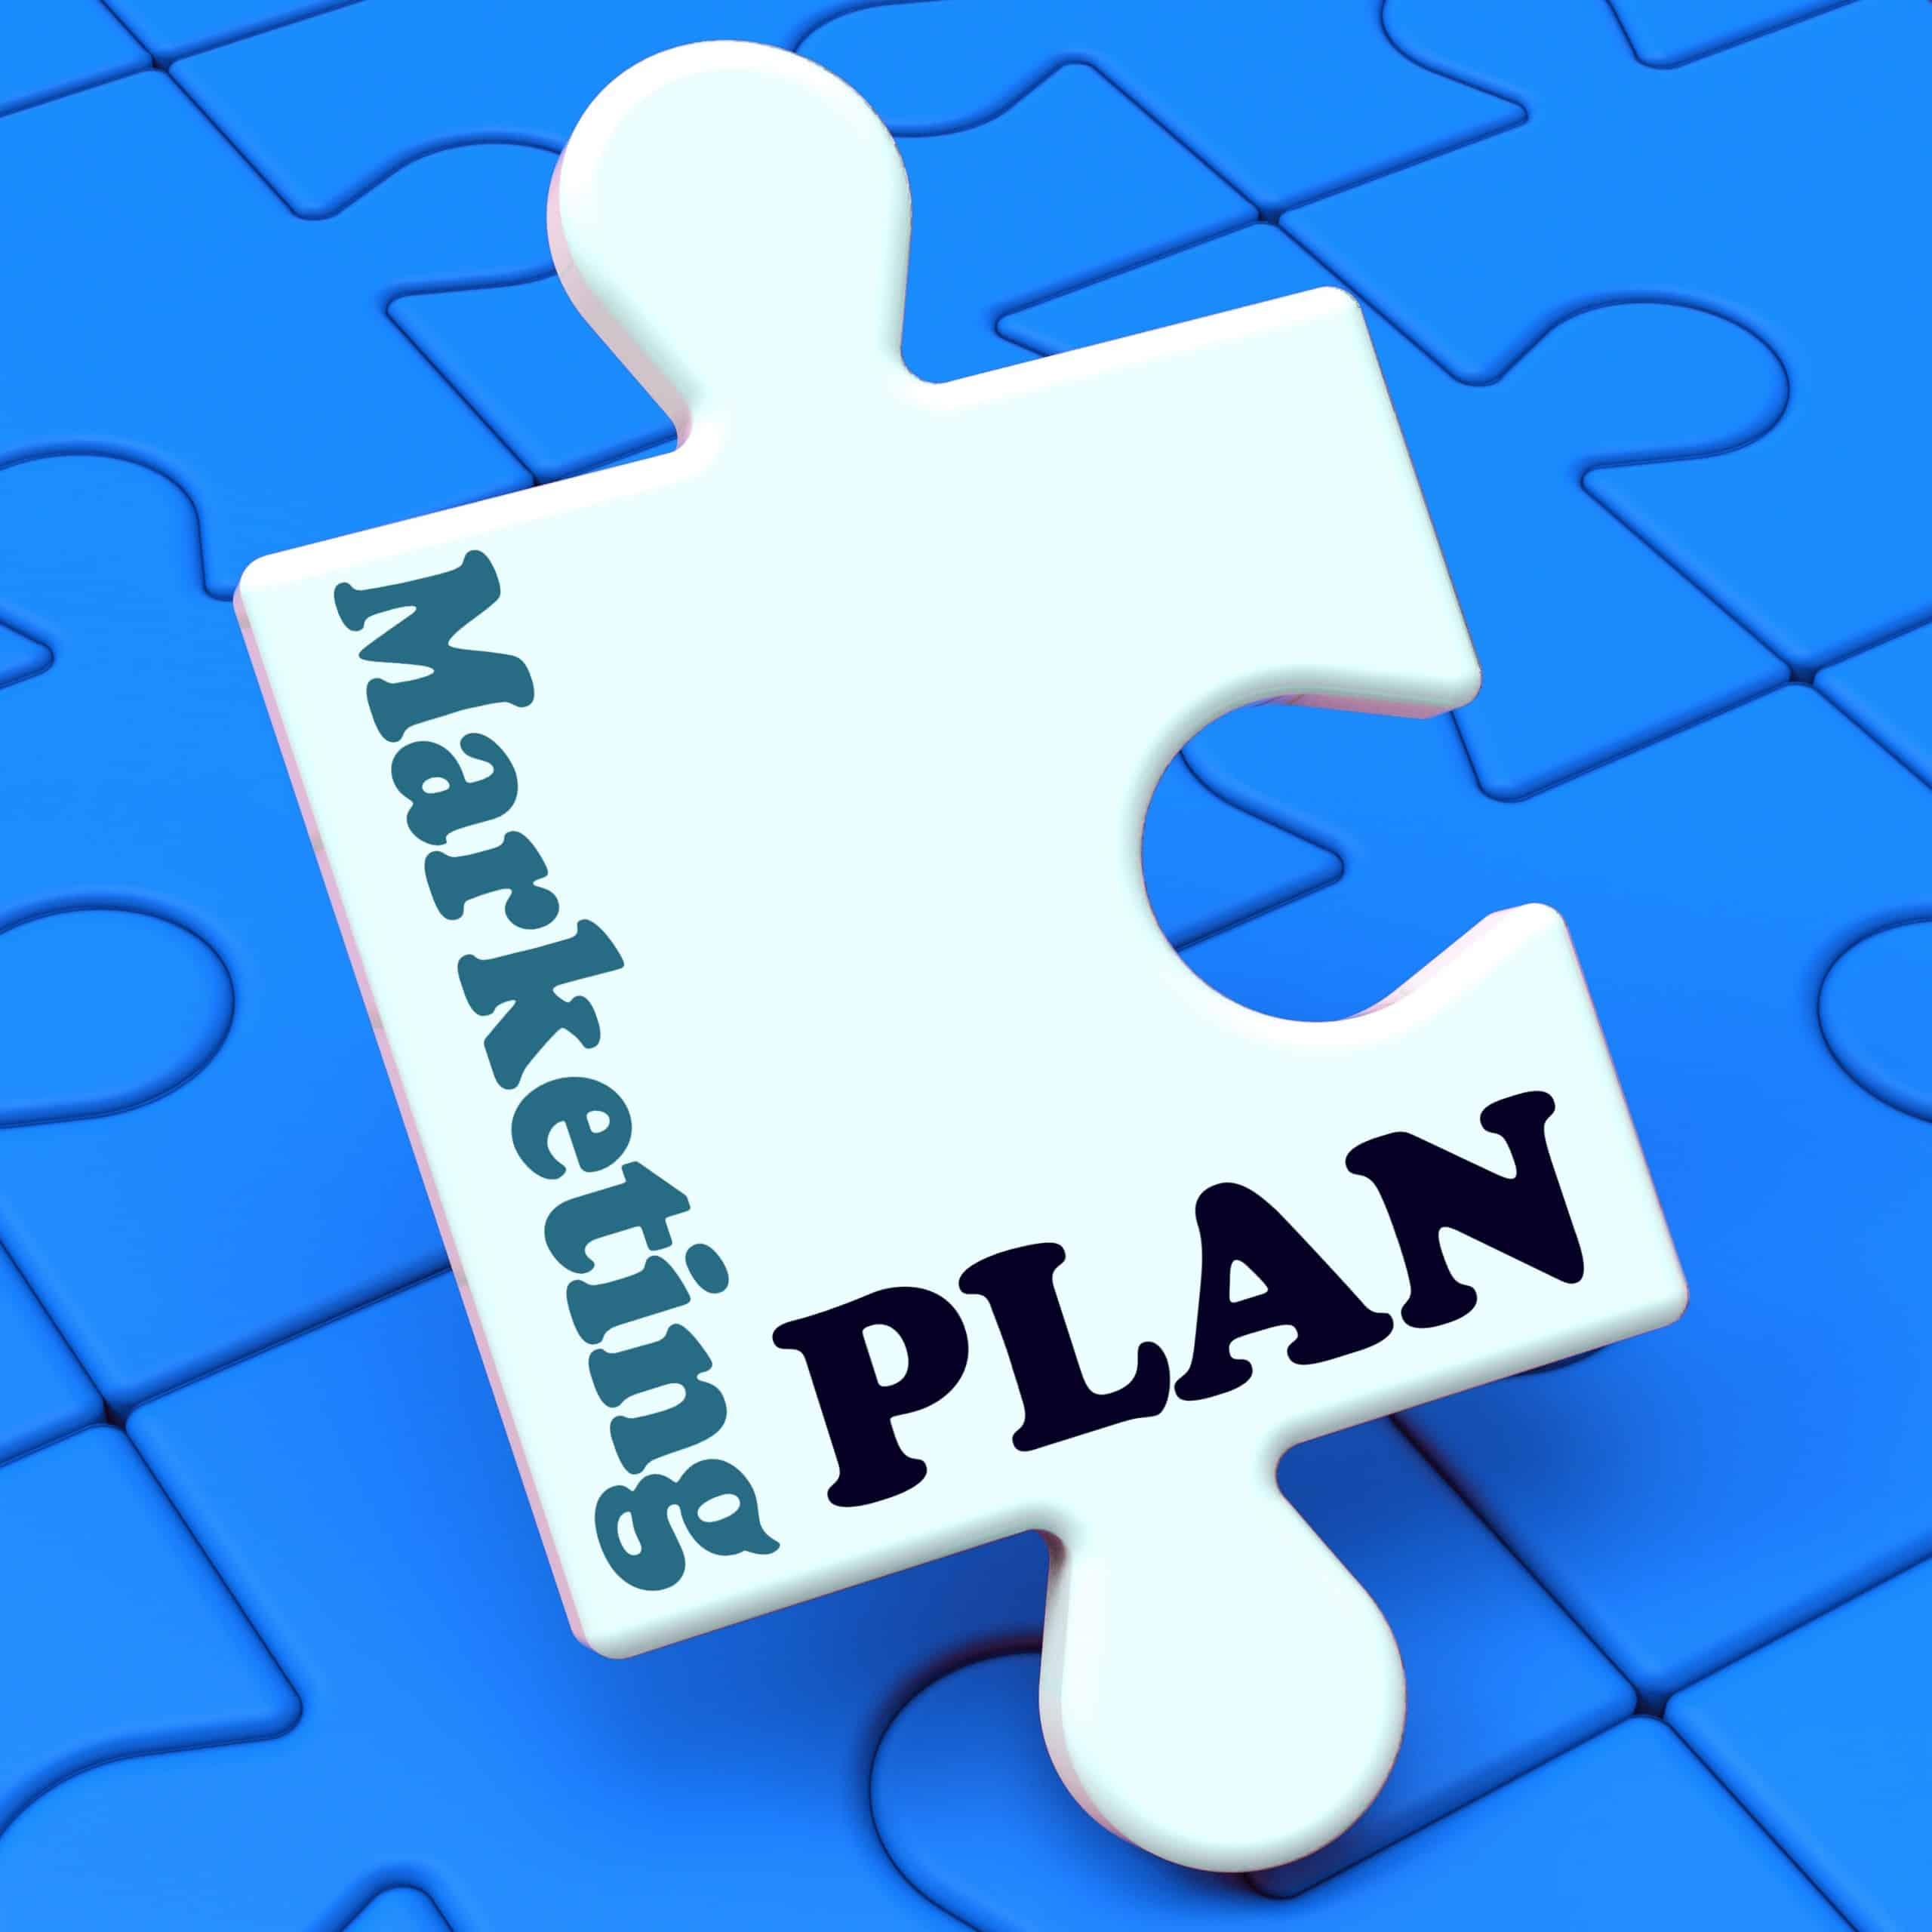 Is Poor Marketing Attracting Poor Clients